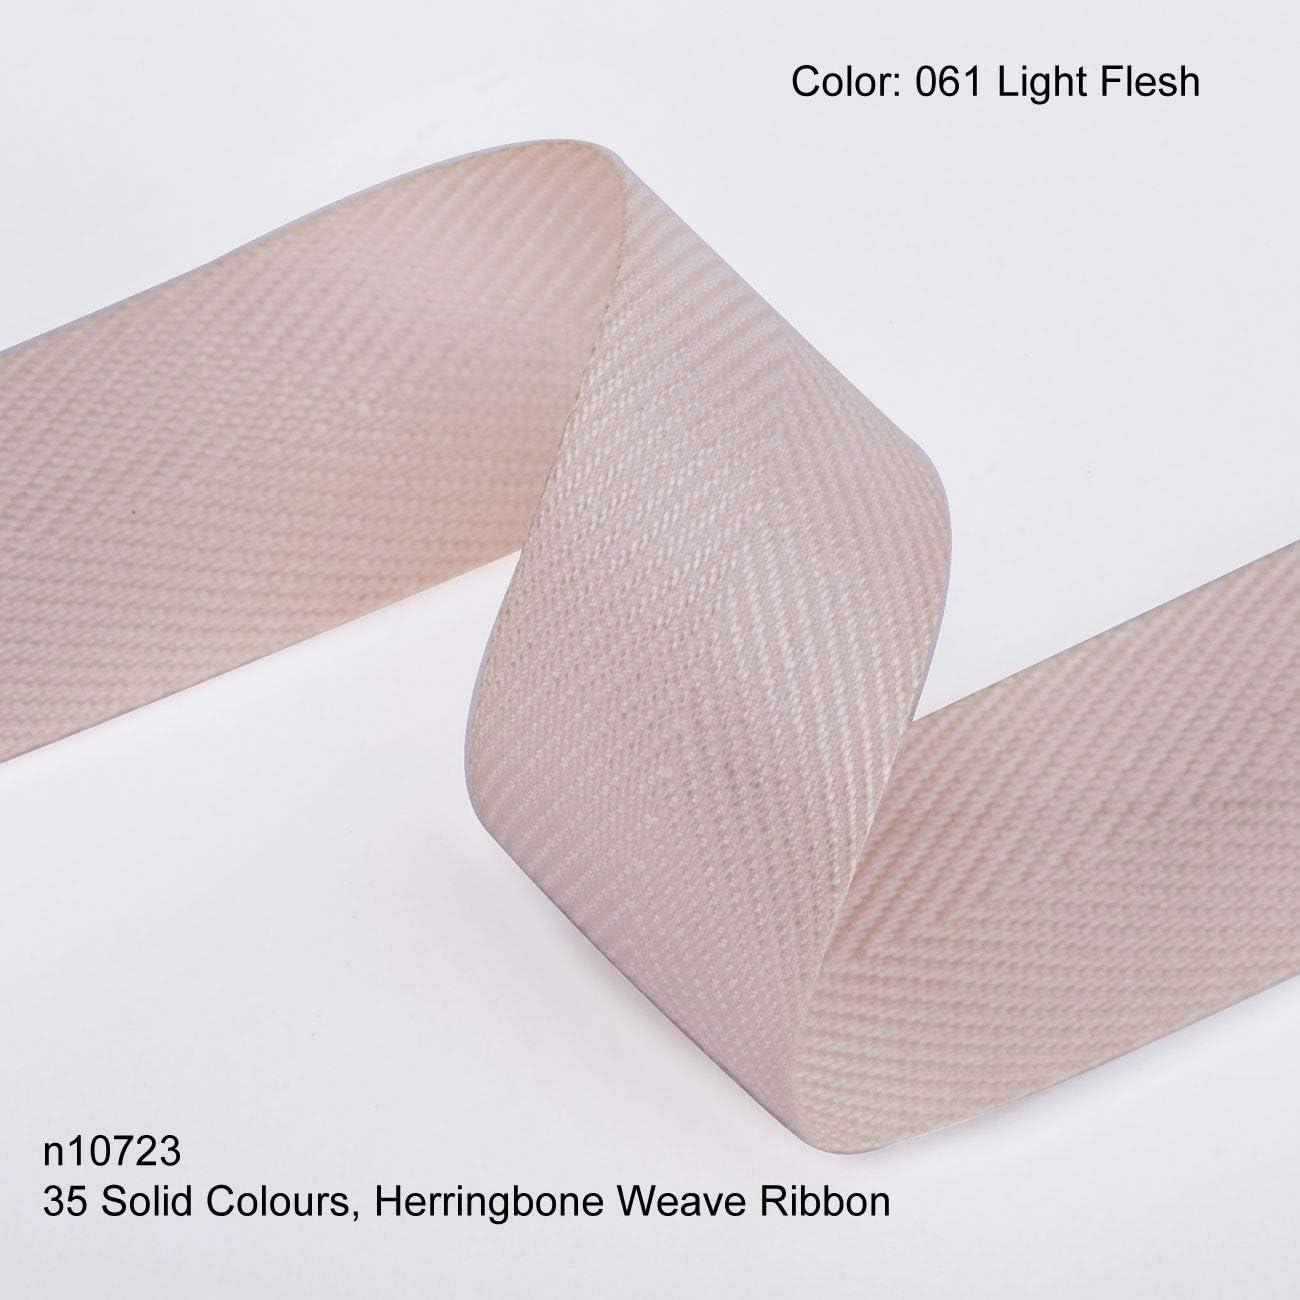 20 Magnifiques Couleurs Forte Bordure Ferme Corde 10mm Insertion Brid/ée Tress/ée Lacet Plat 3mm corde est int/égrale. Soie artificielle Soyeux Viscose Fabrication Unique sans lignes de couture